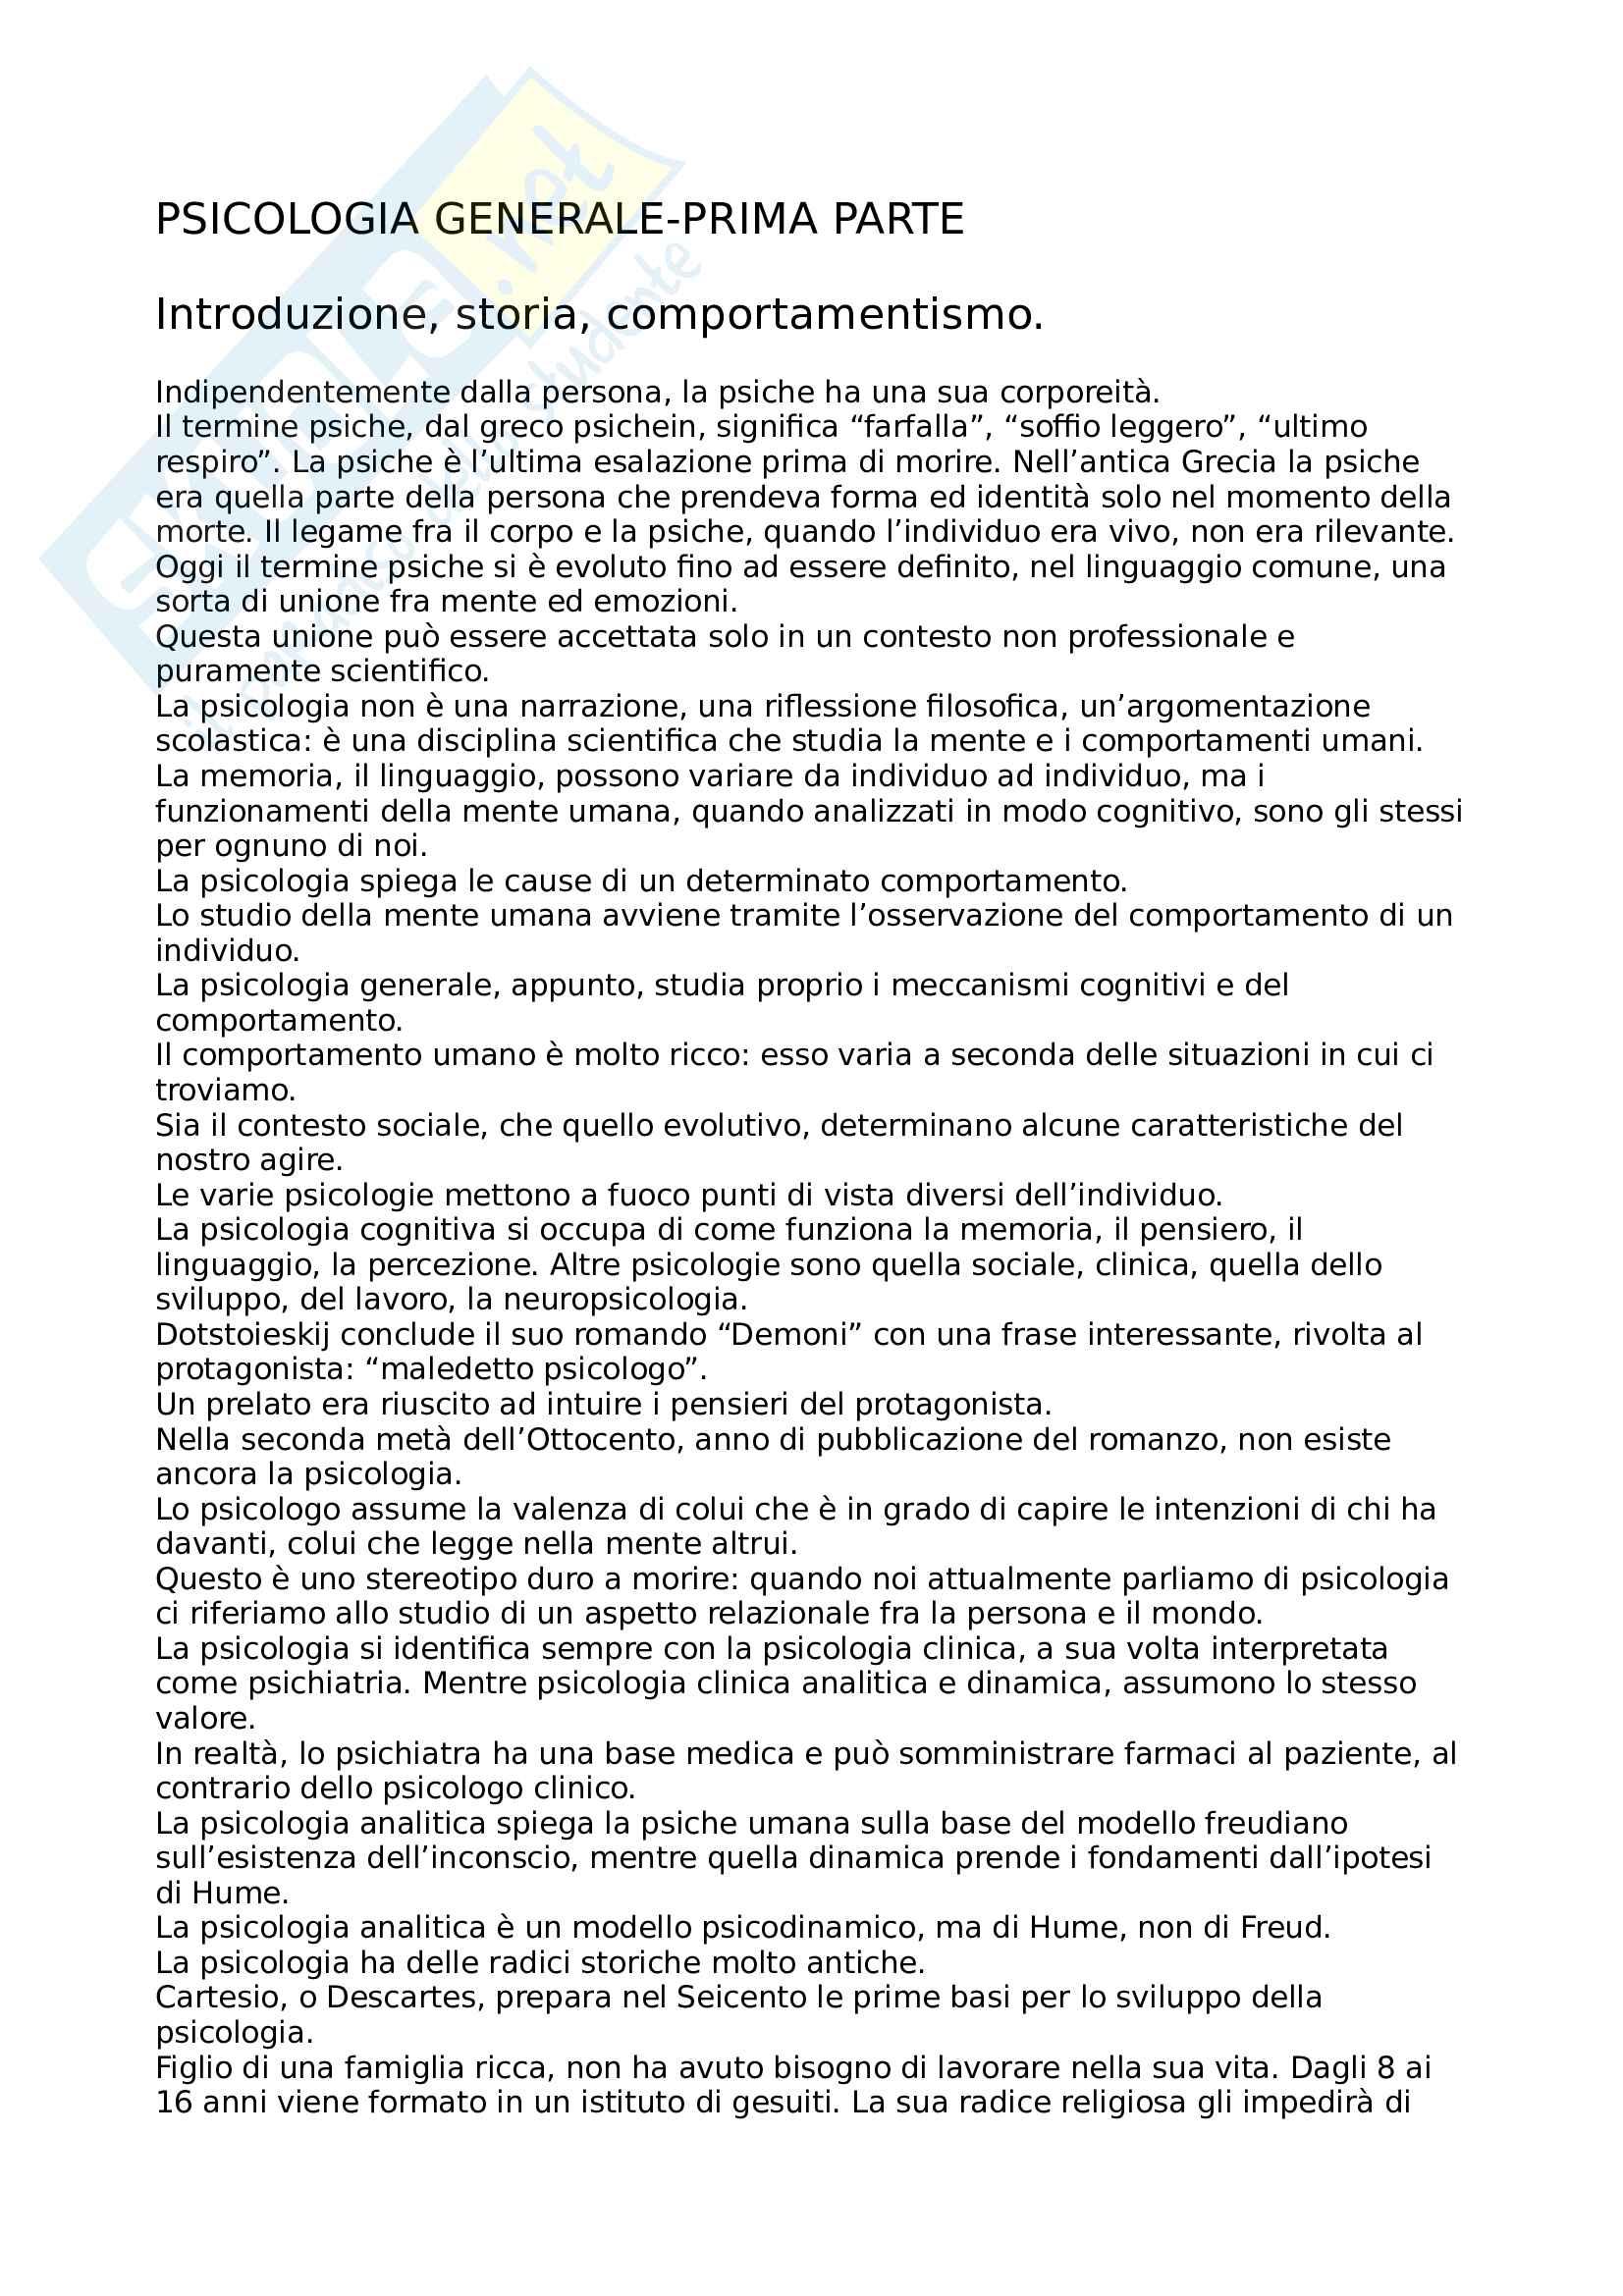 Psicologia Generale - Appunti e domande Pag. 1